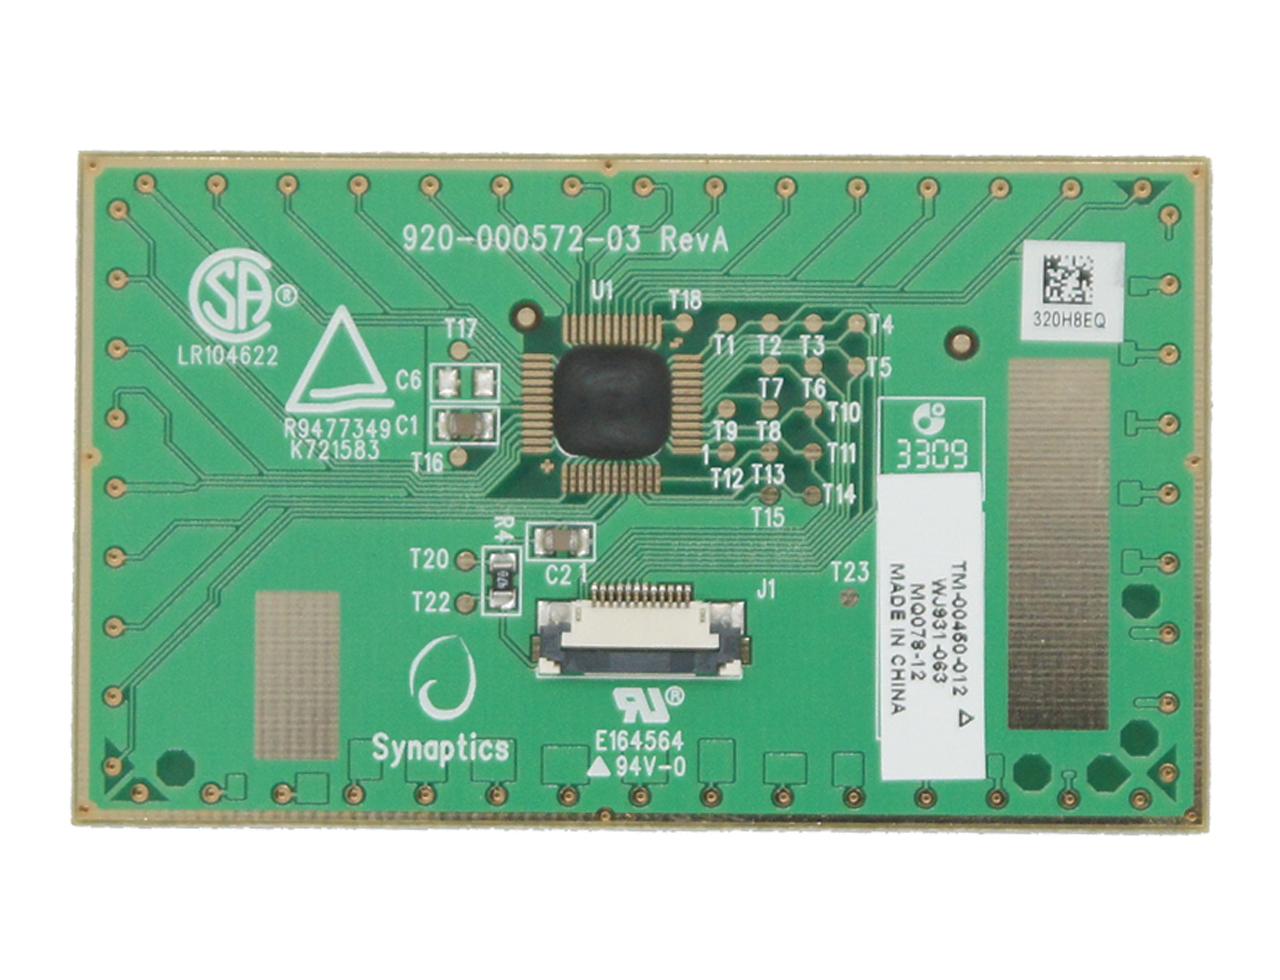 新到货50pcs TM-00460-012 920-000572-03 Touchpad 笔记本电脑触摸鼠标板 触摸板